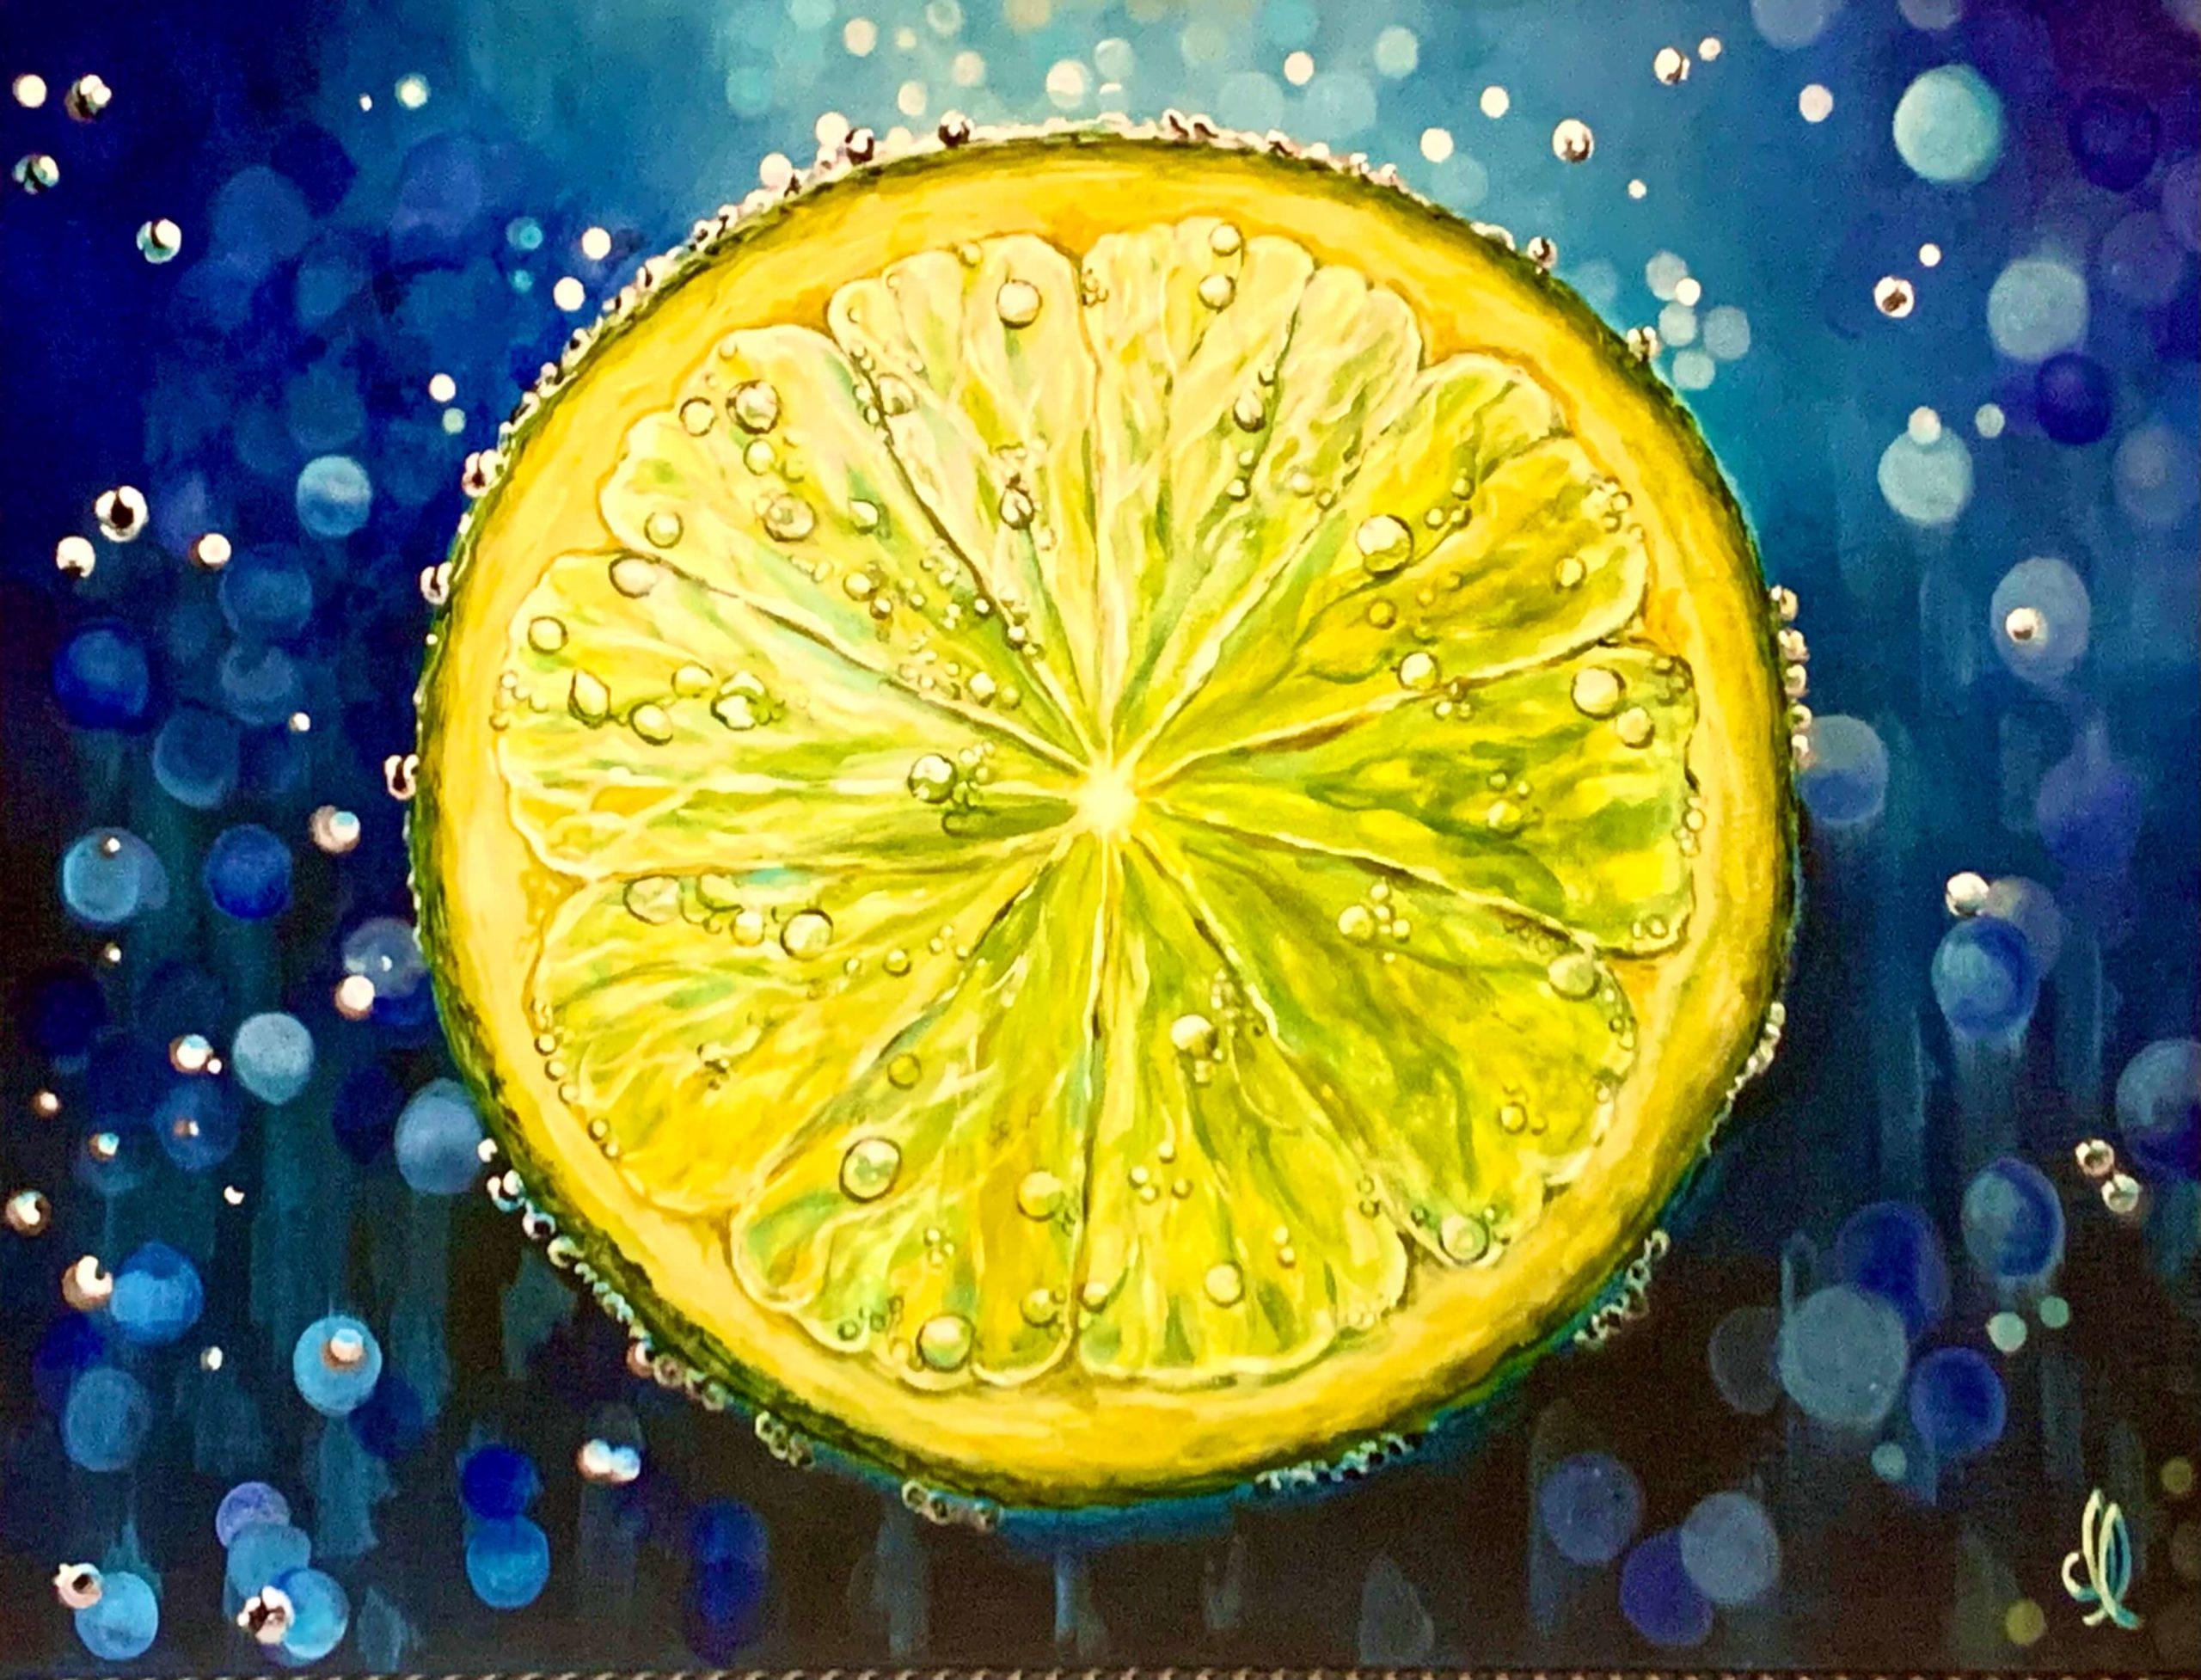 Lemon slice Acrylic painting